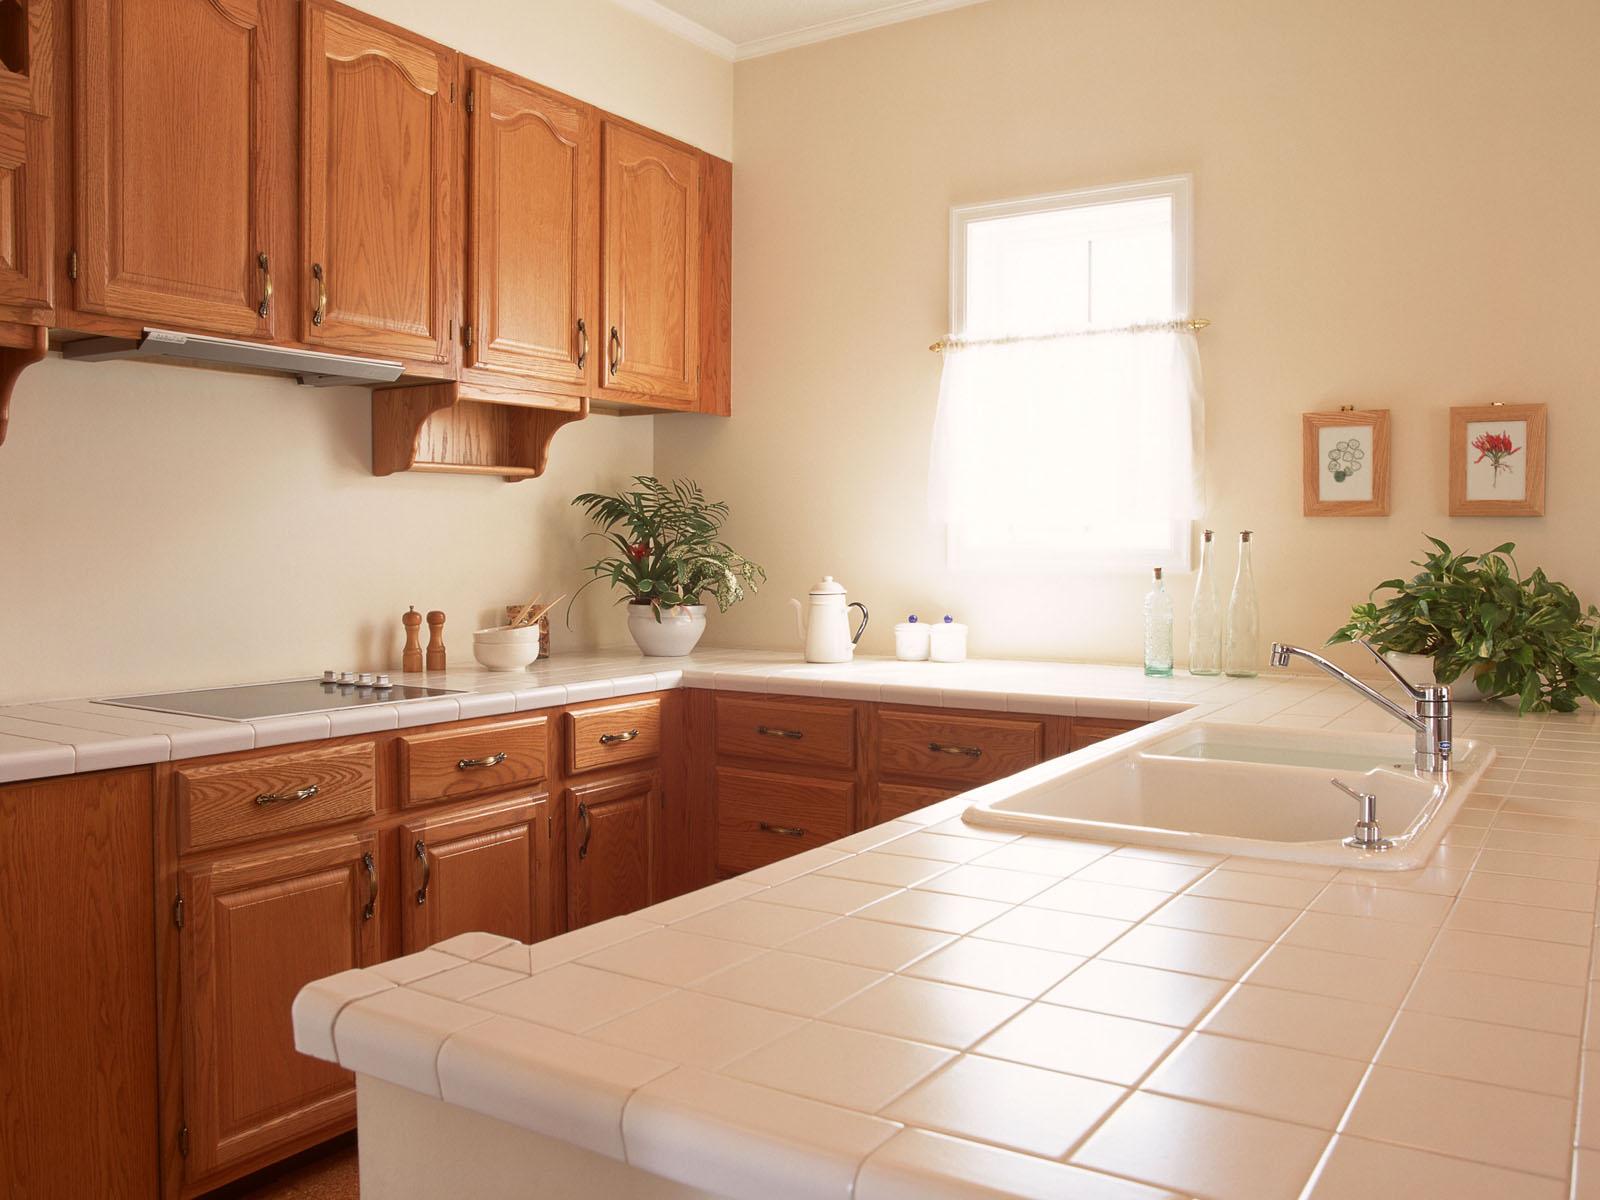 Светлая кухня  № 1754538 бесплатно